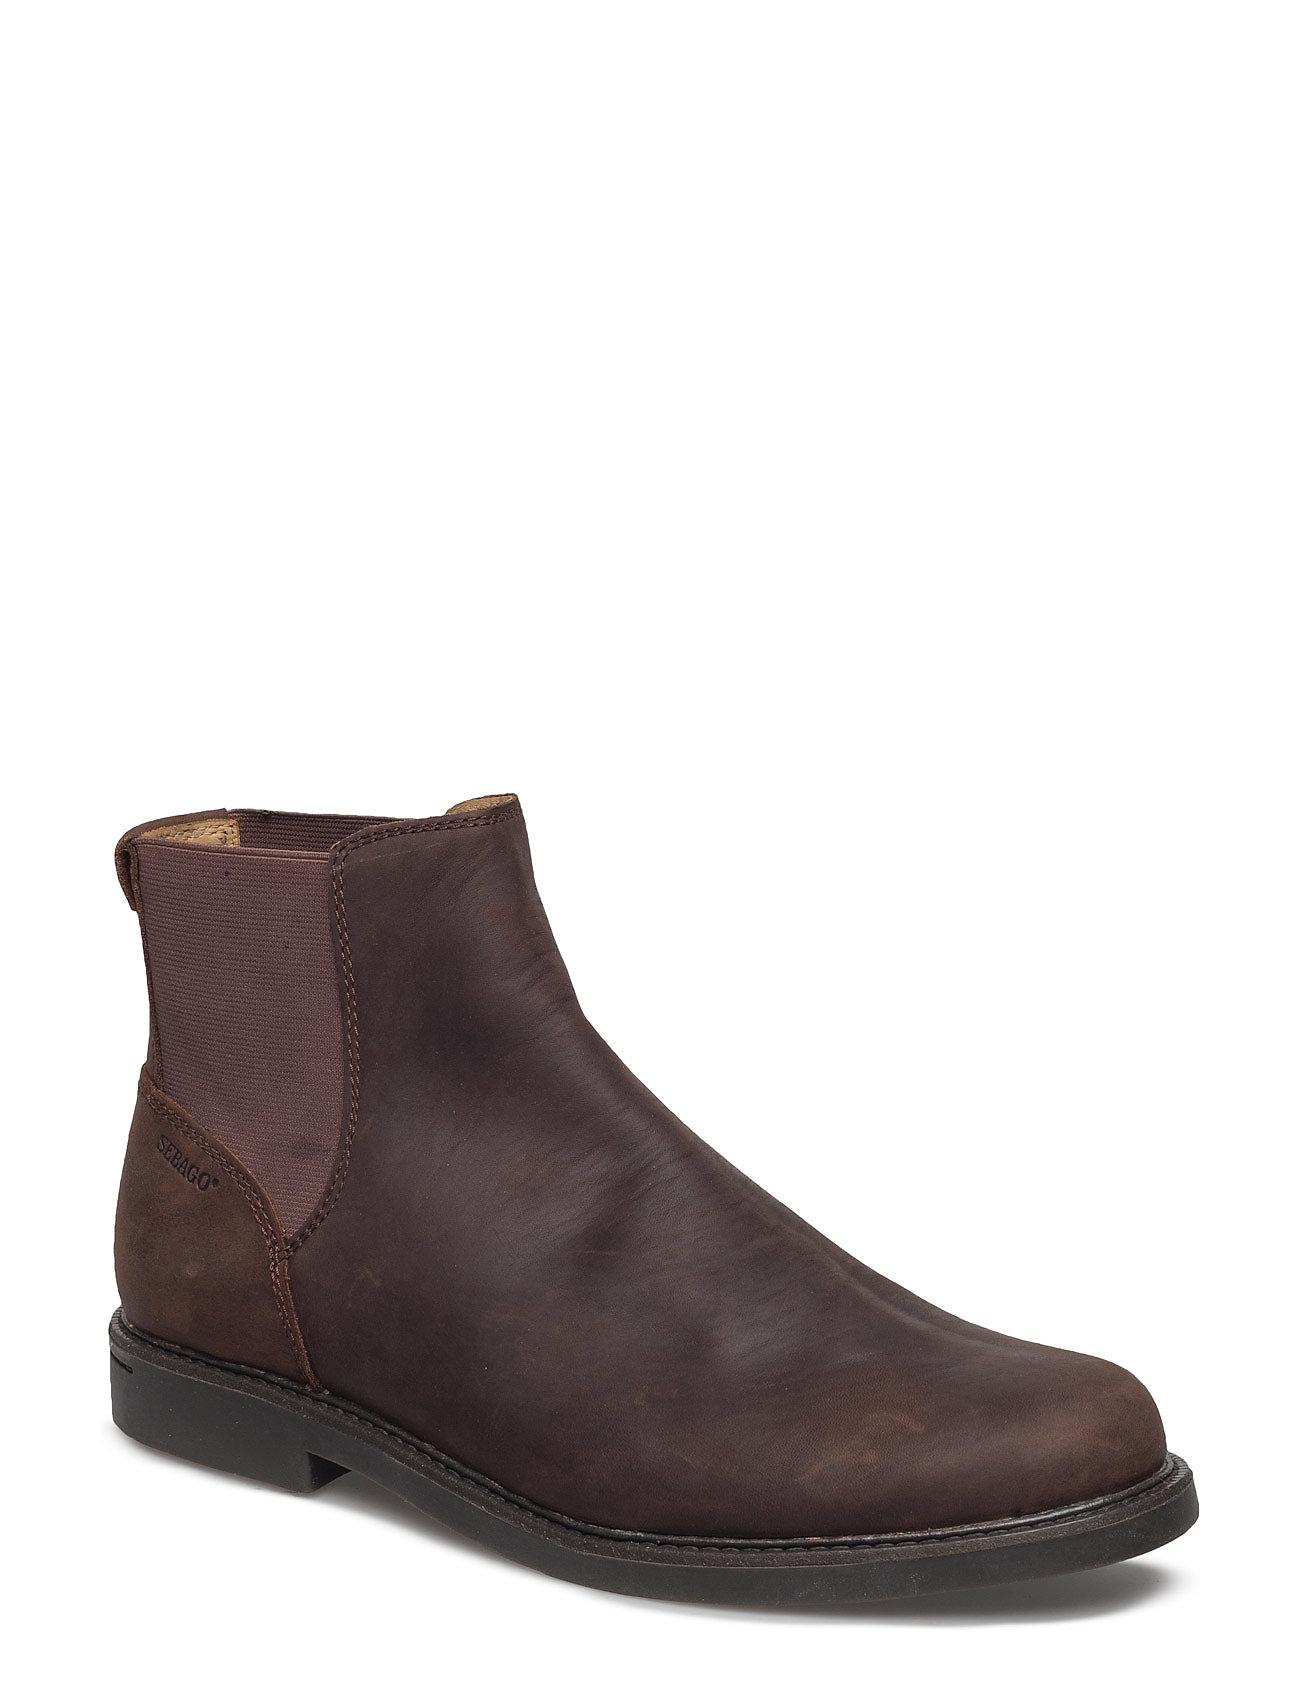 Turner Chelsea Wp Sebago Støvler til Herrer i Brun